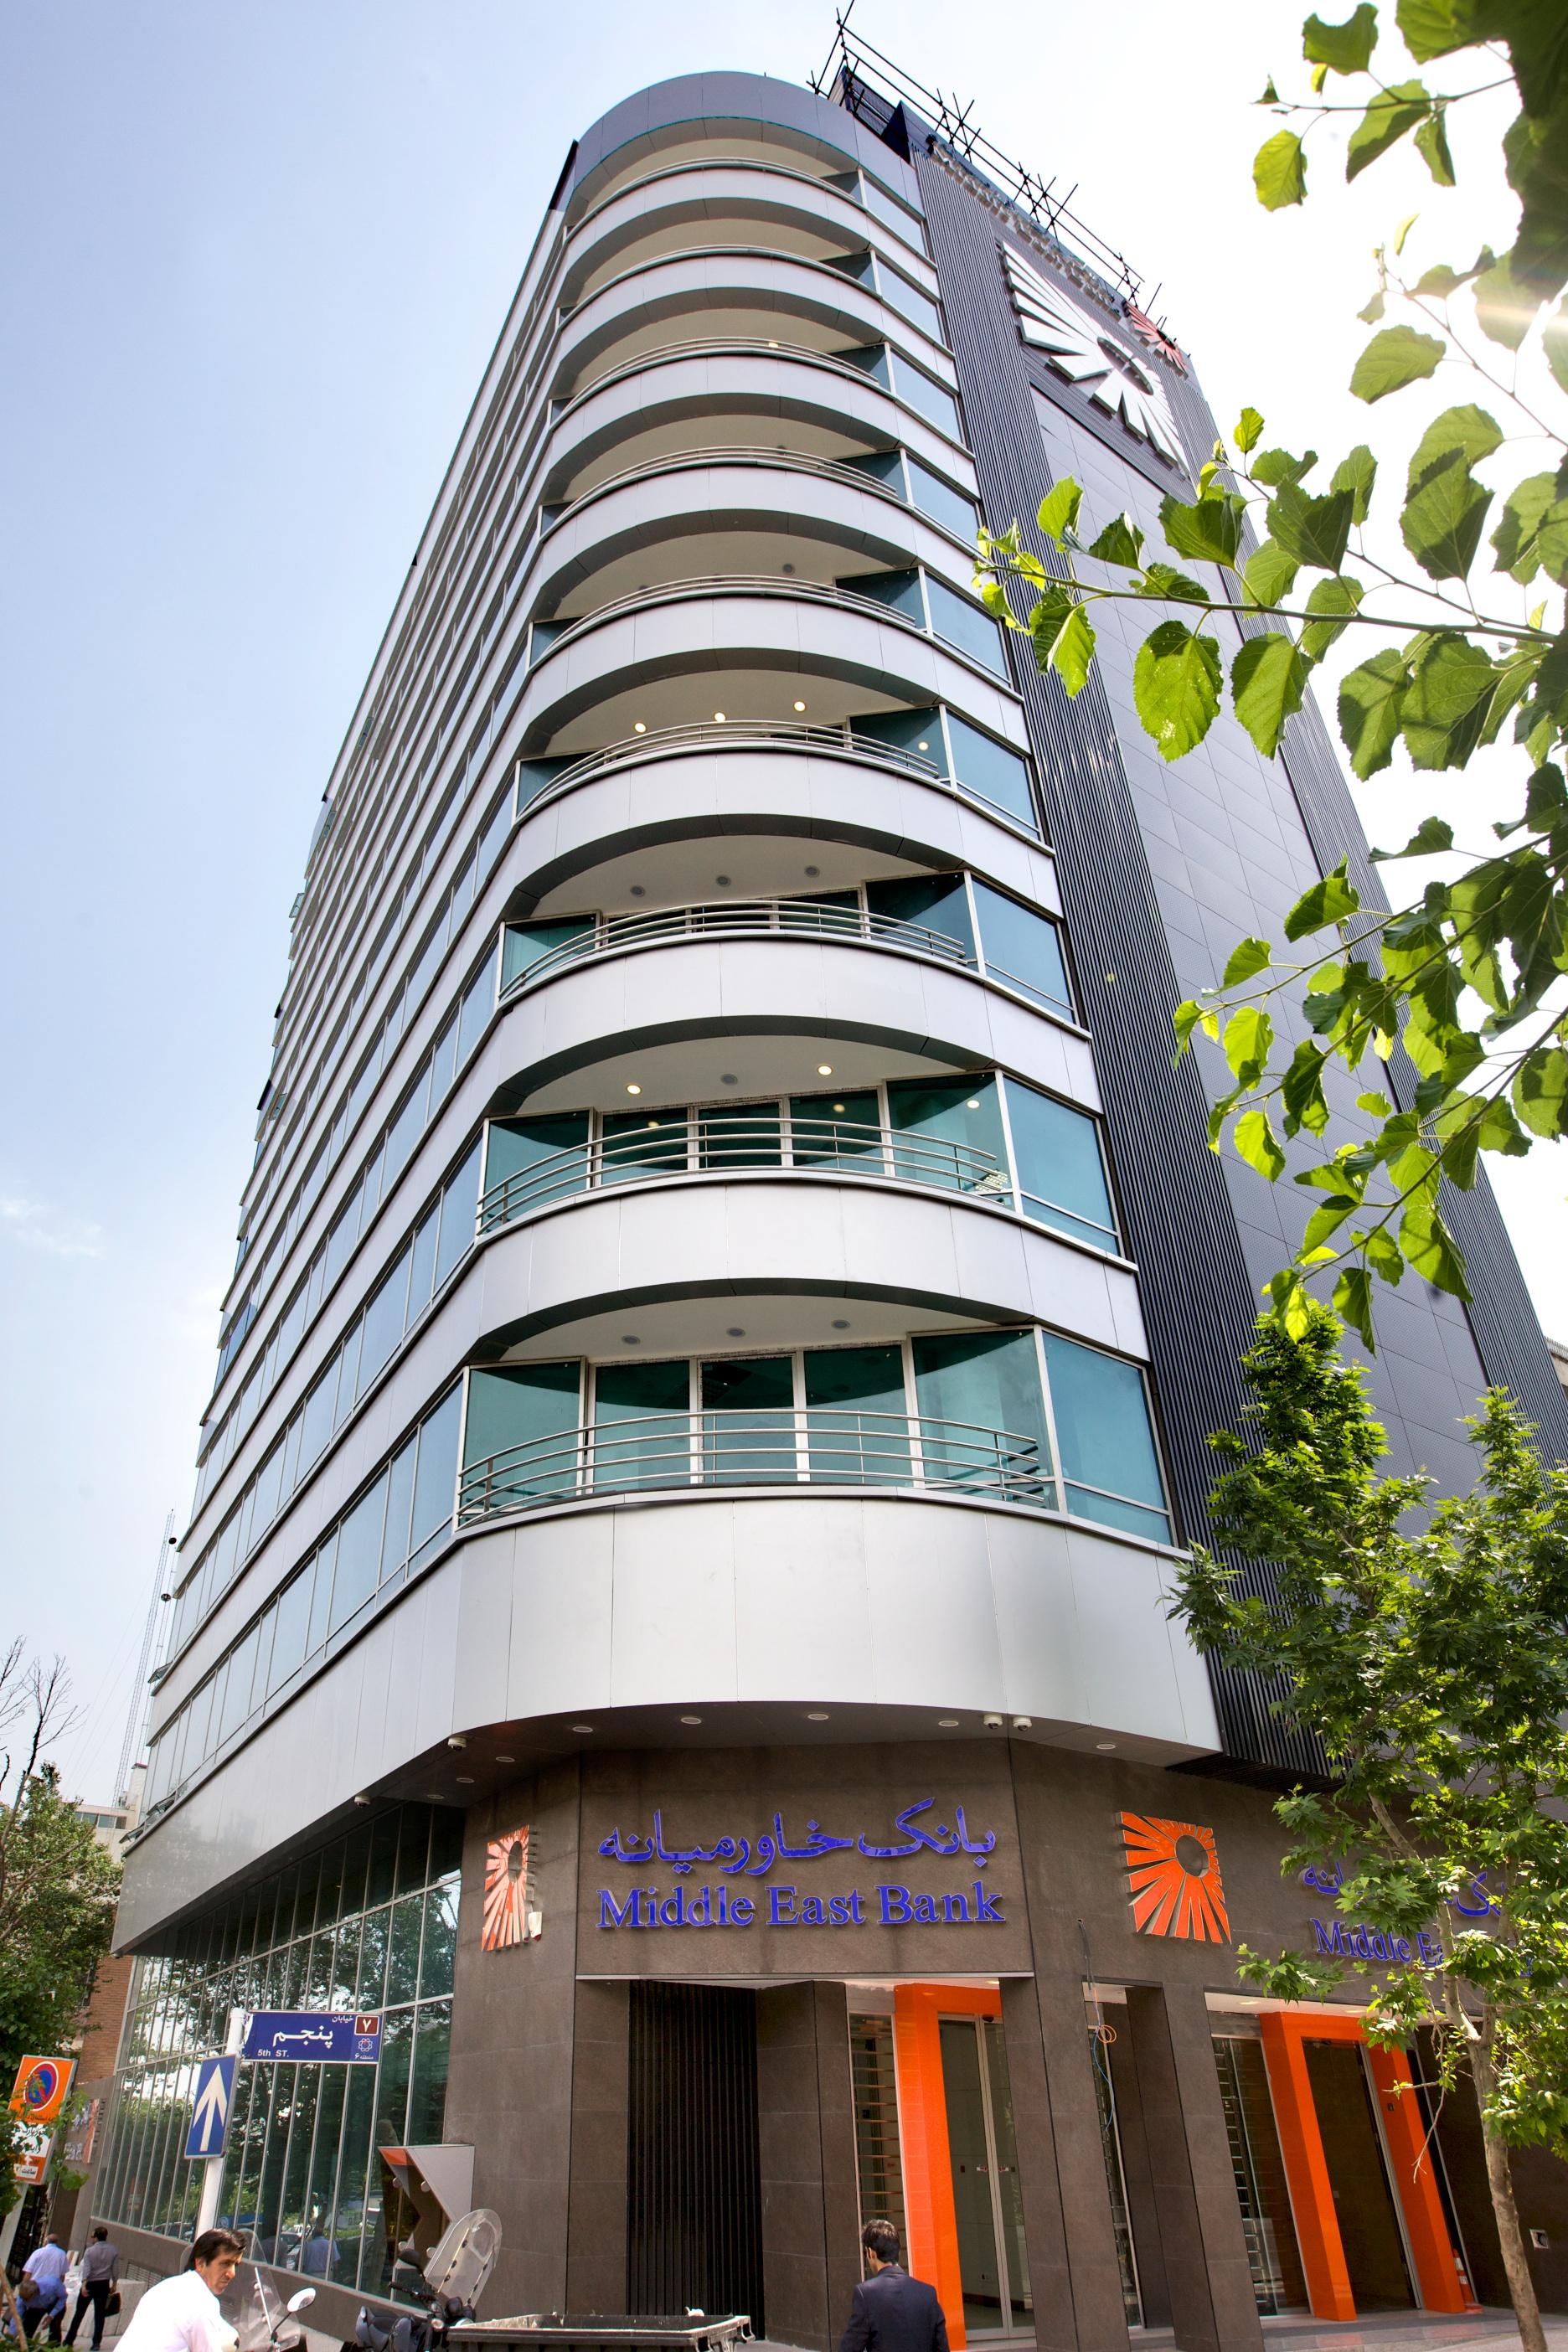 عملکرد بانک خاورمیانه بررسی شد